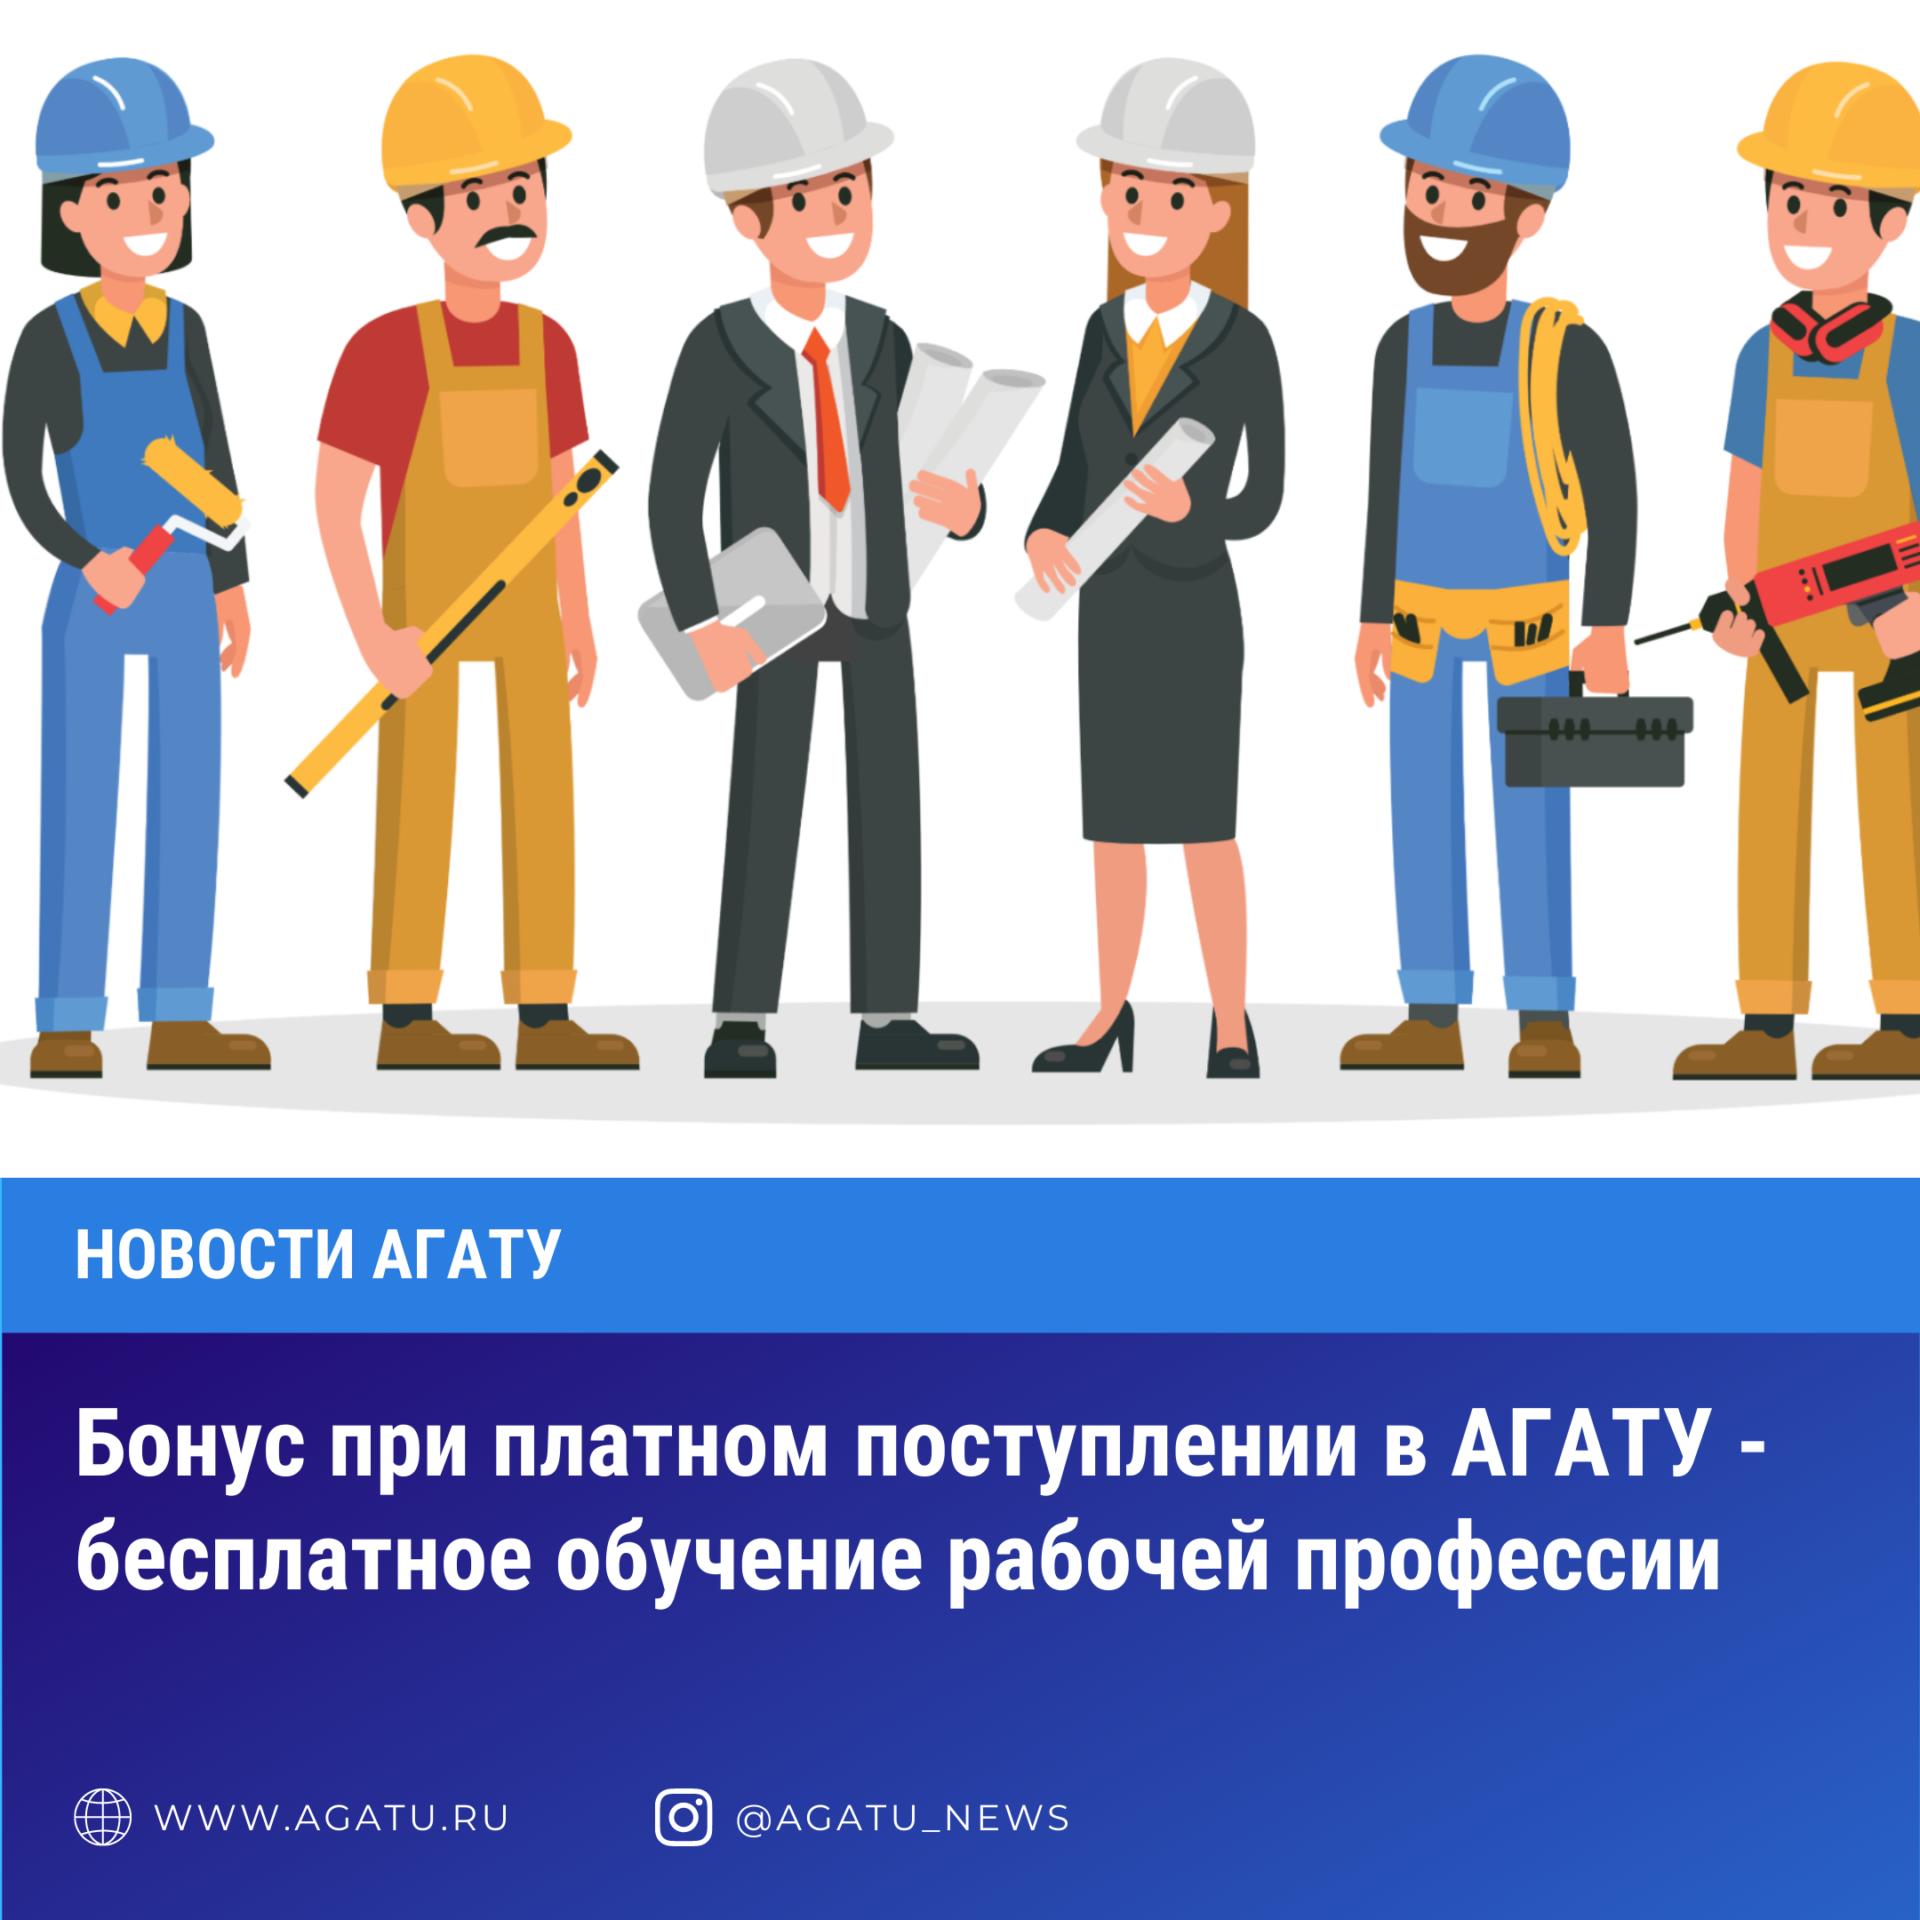 Бонус при платном поступлении в АГАТУ — бесплатное обучение рабочей профессии